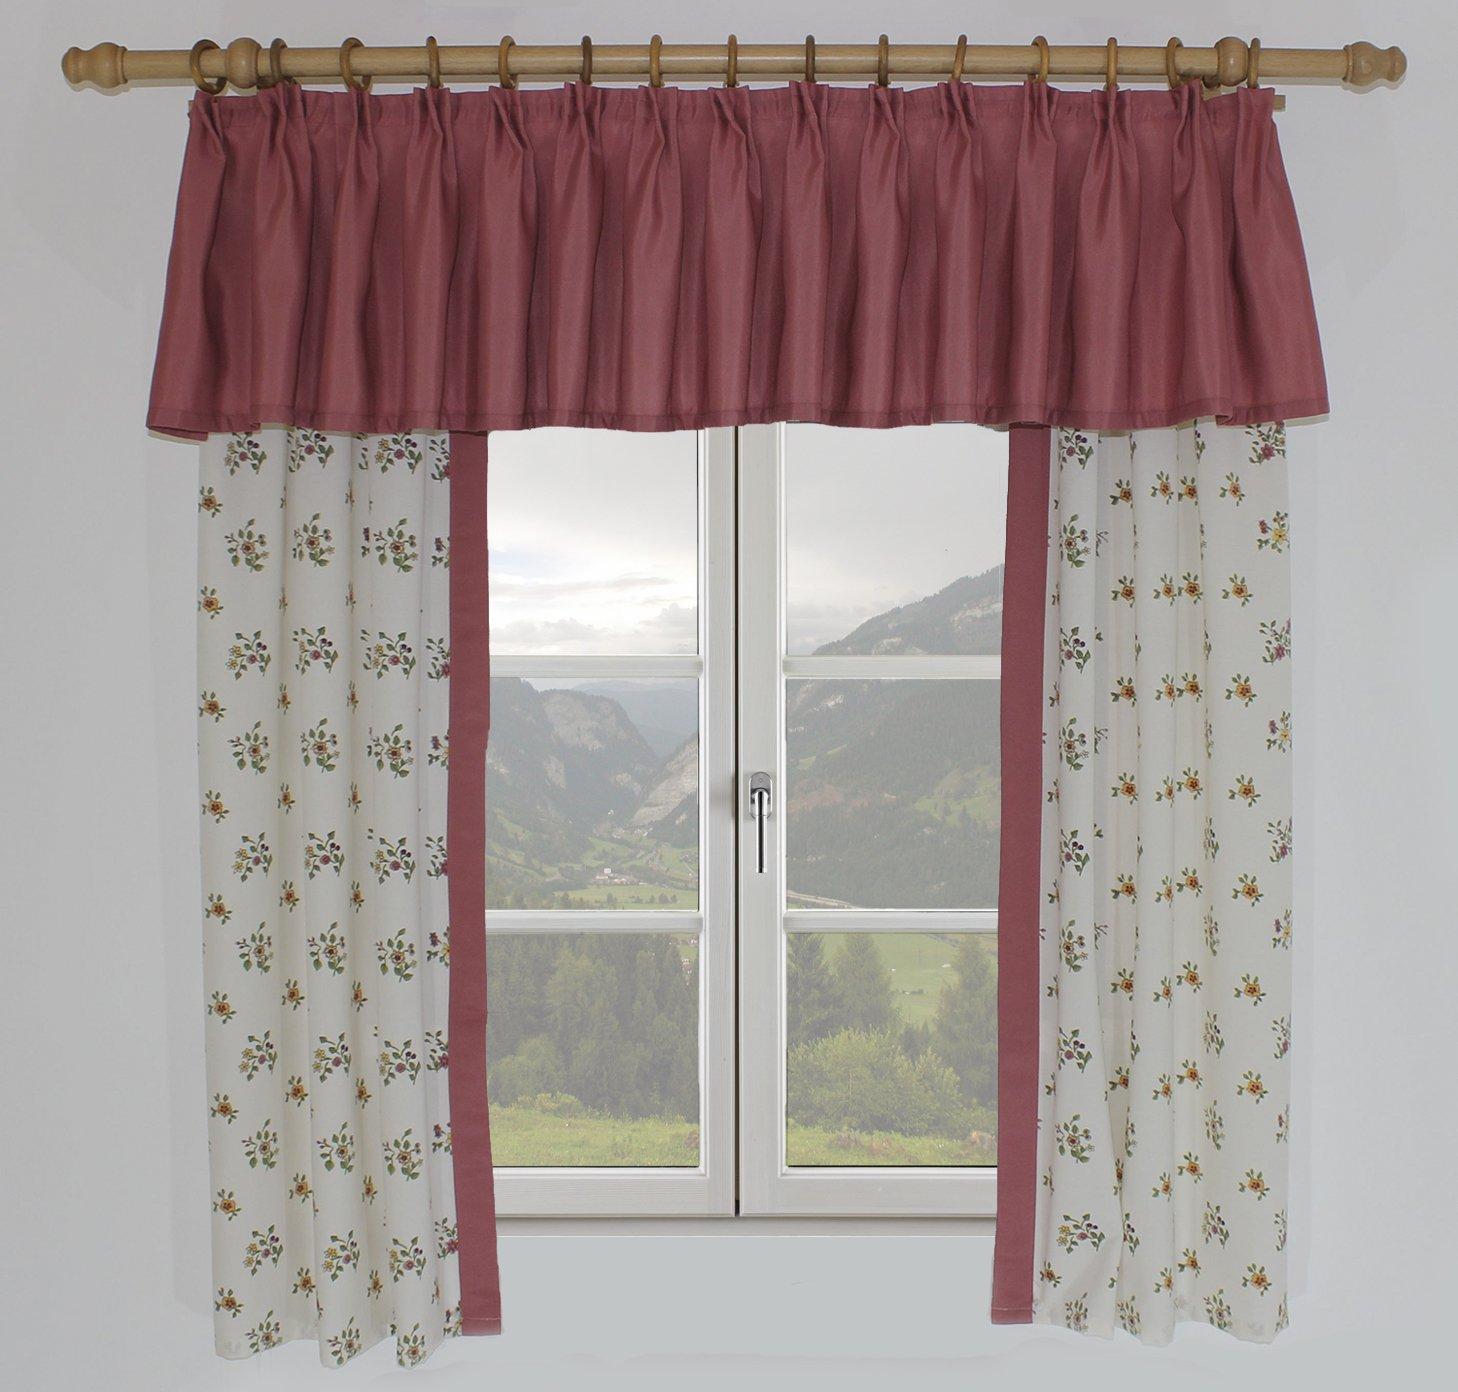 Landhaus Vorhänge amazon de wirth landhaus blumenvor81 3 design magdalena vorhang